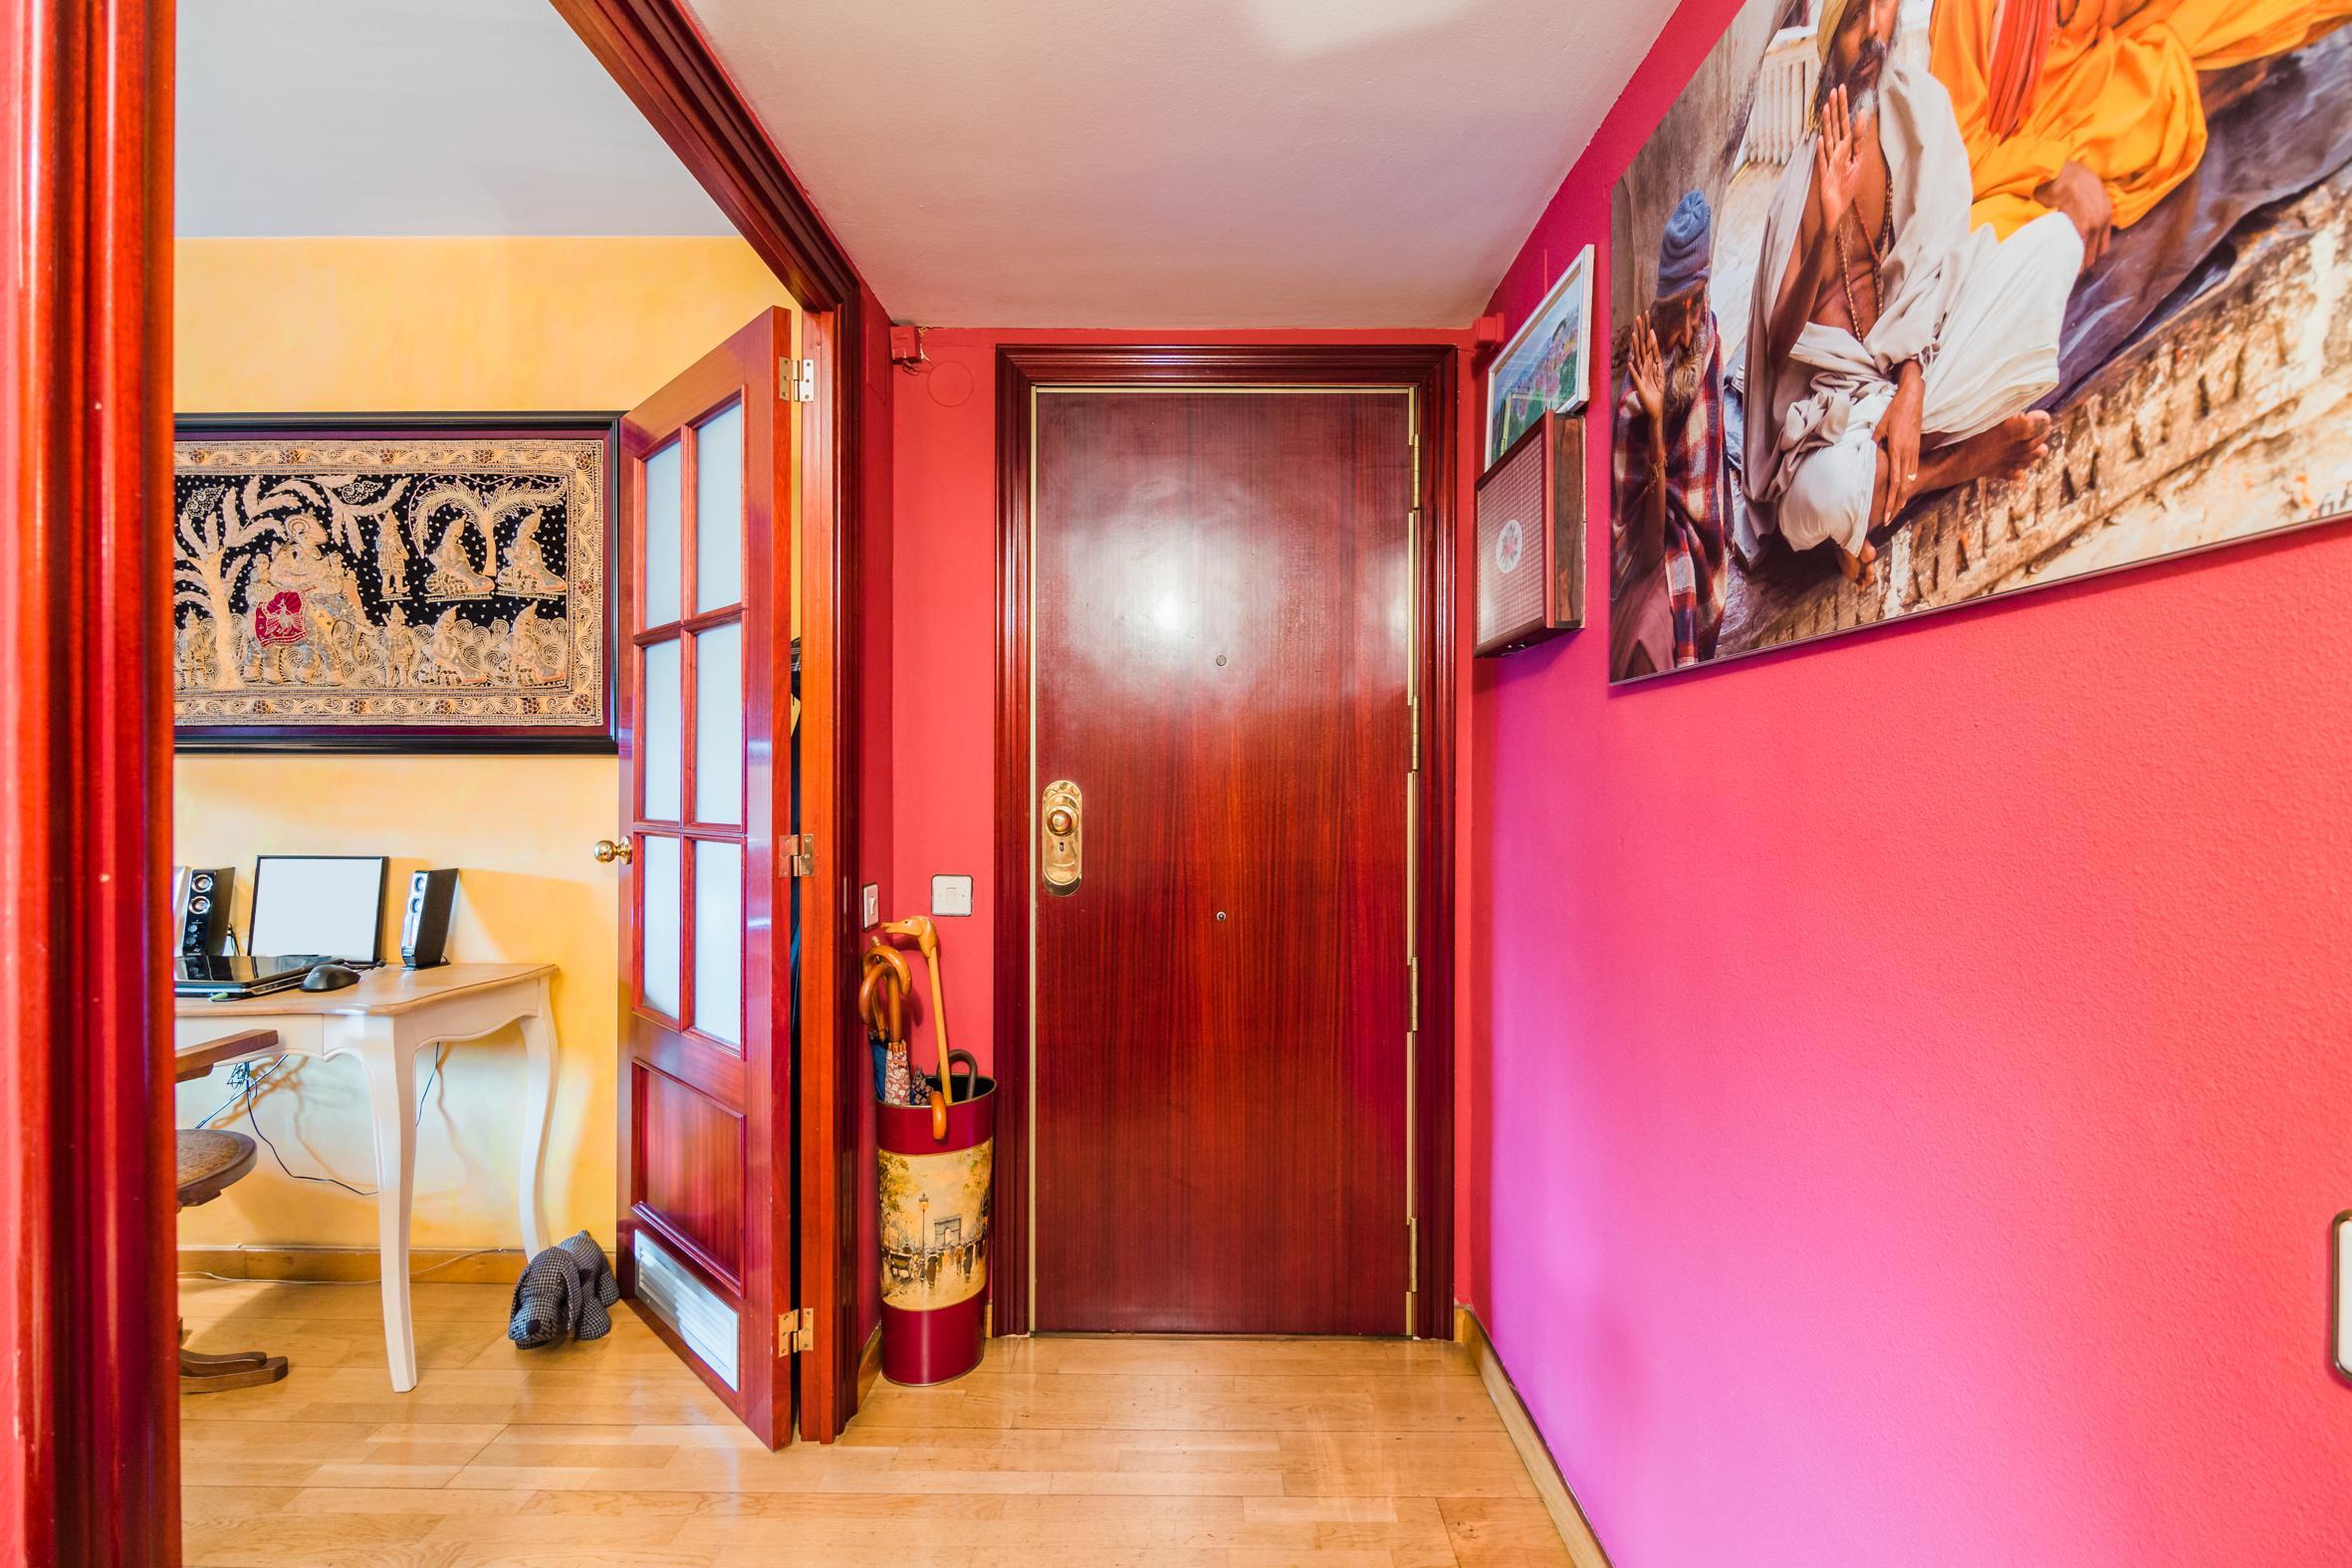 207314 Dúplex en venta en Gràcia, Vallcarca i els Penitents 11